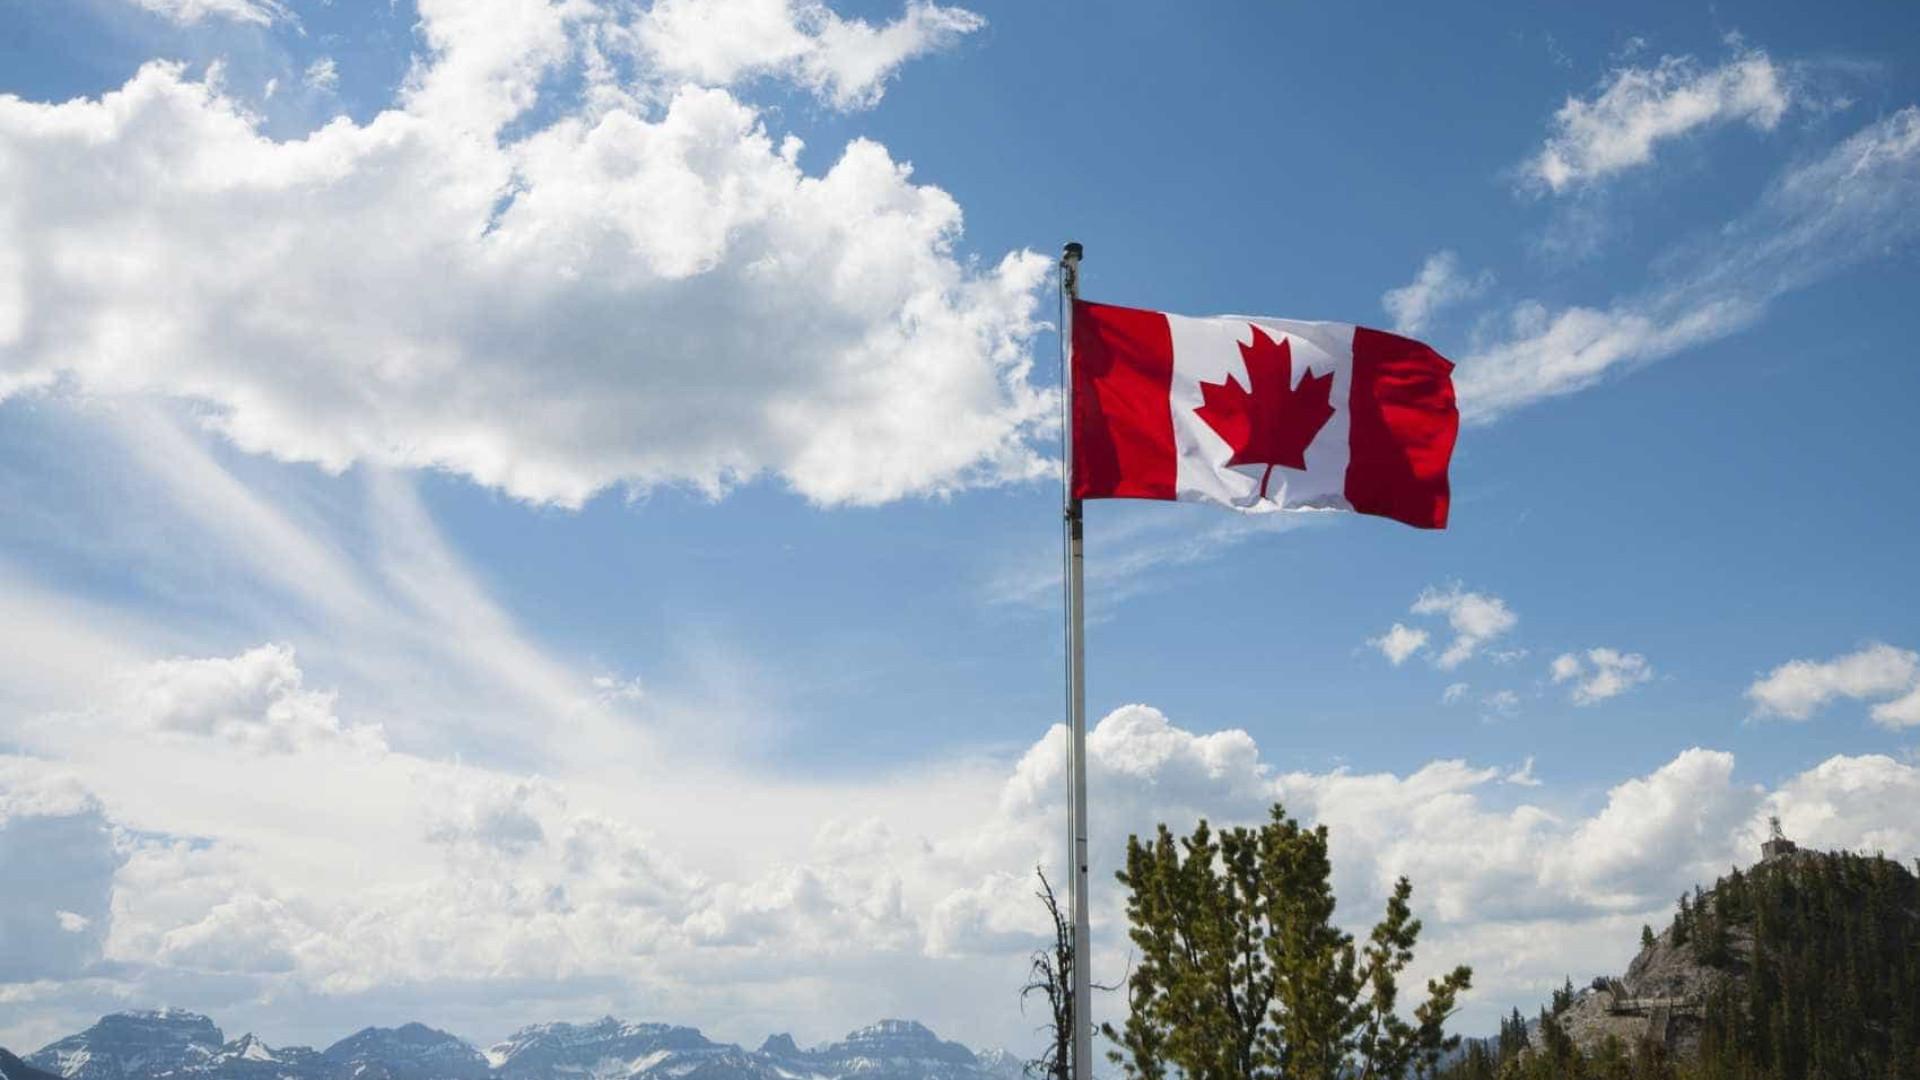 """Canadá """"seriamente preocupado"""" com expulsão de embaixador da Arábia"""